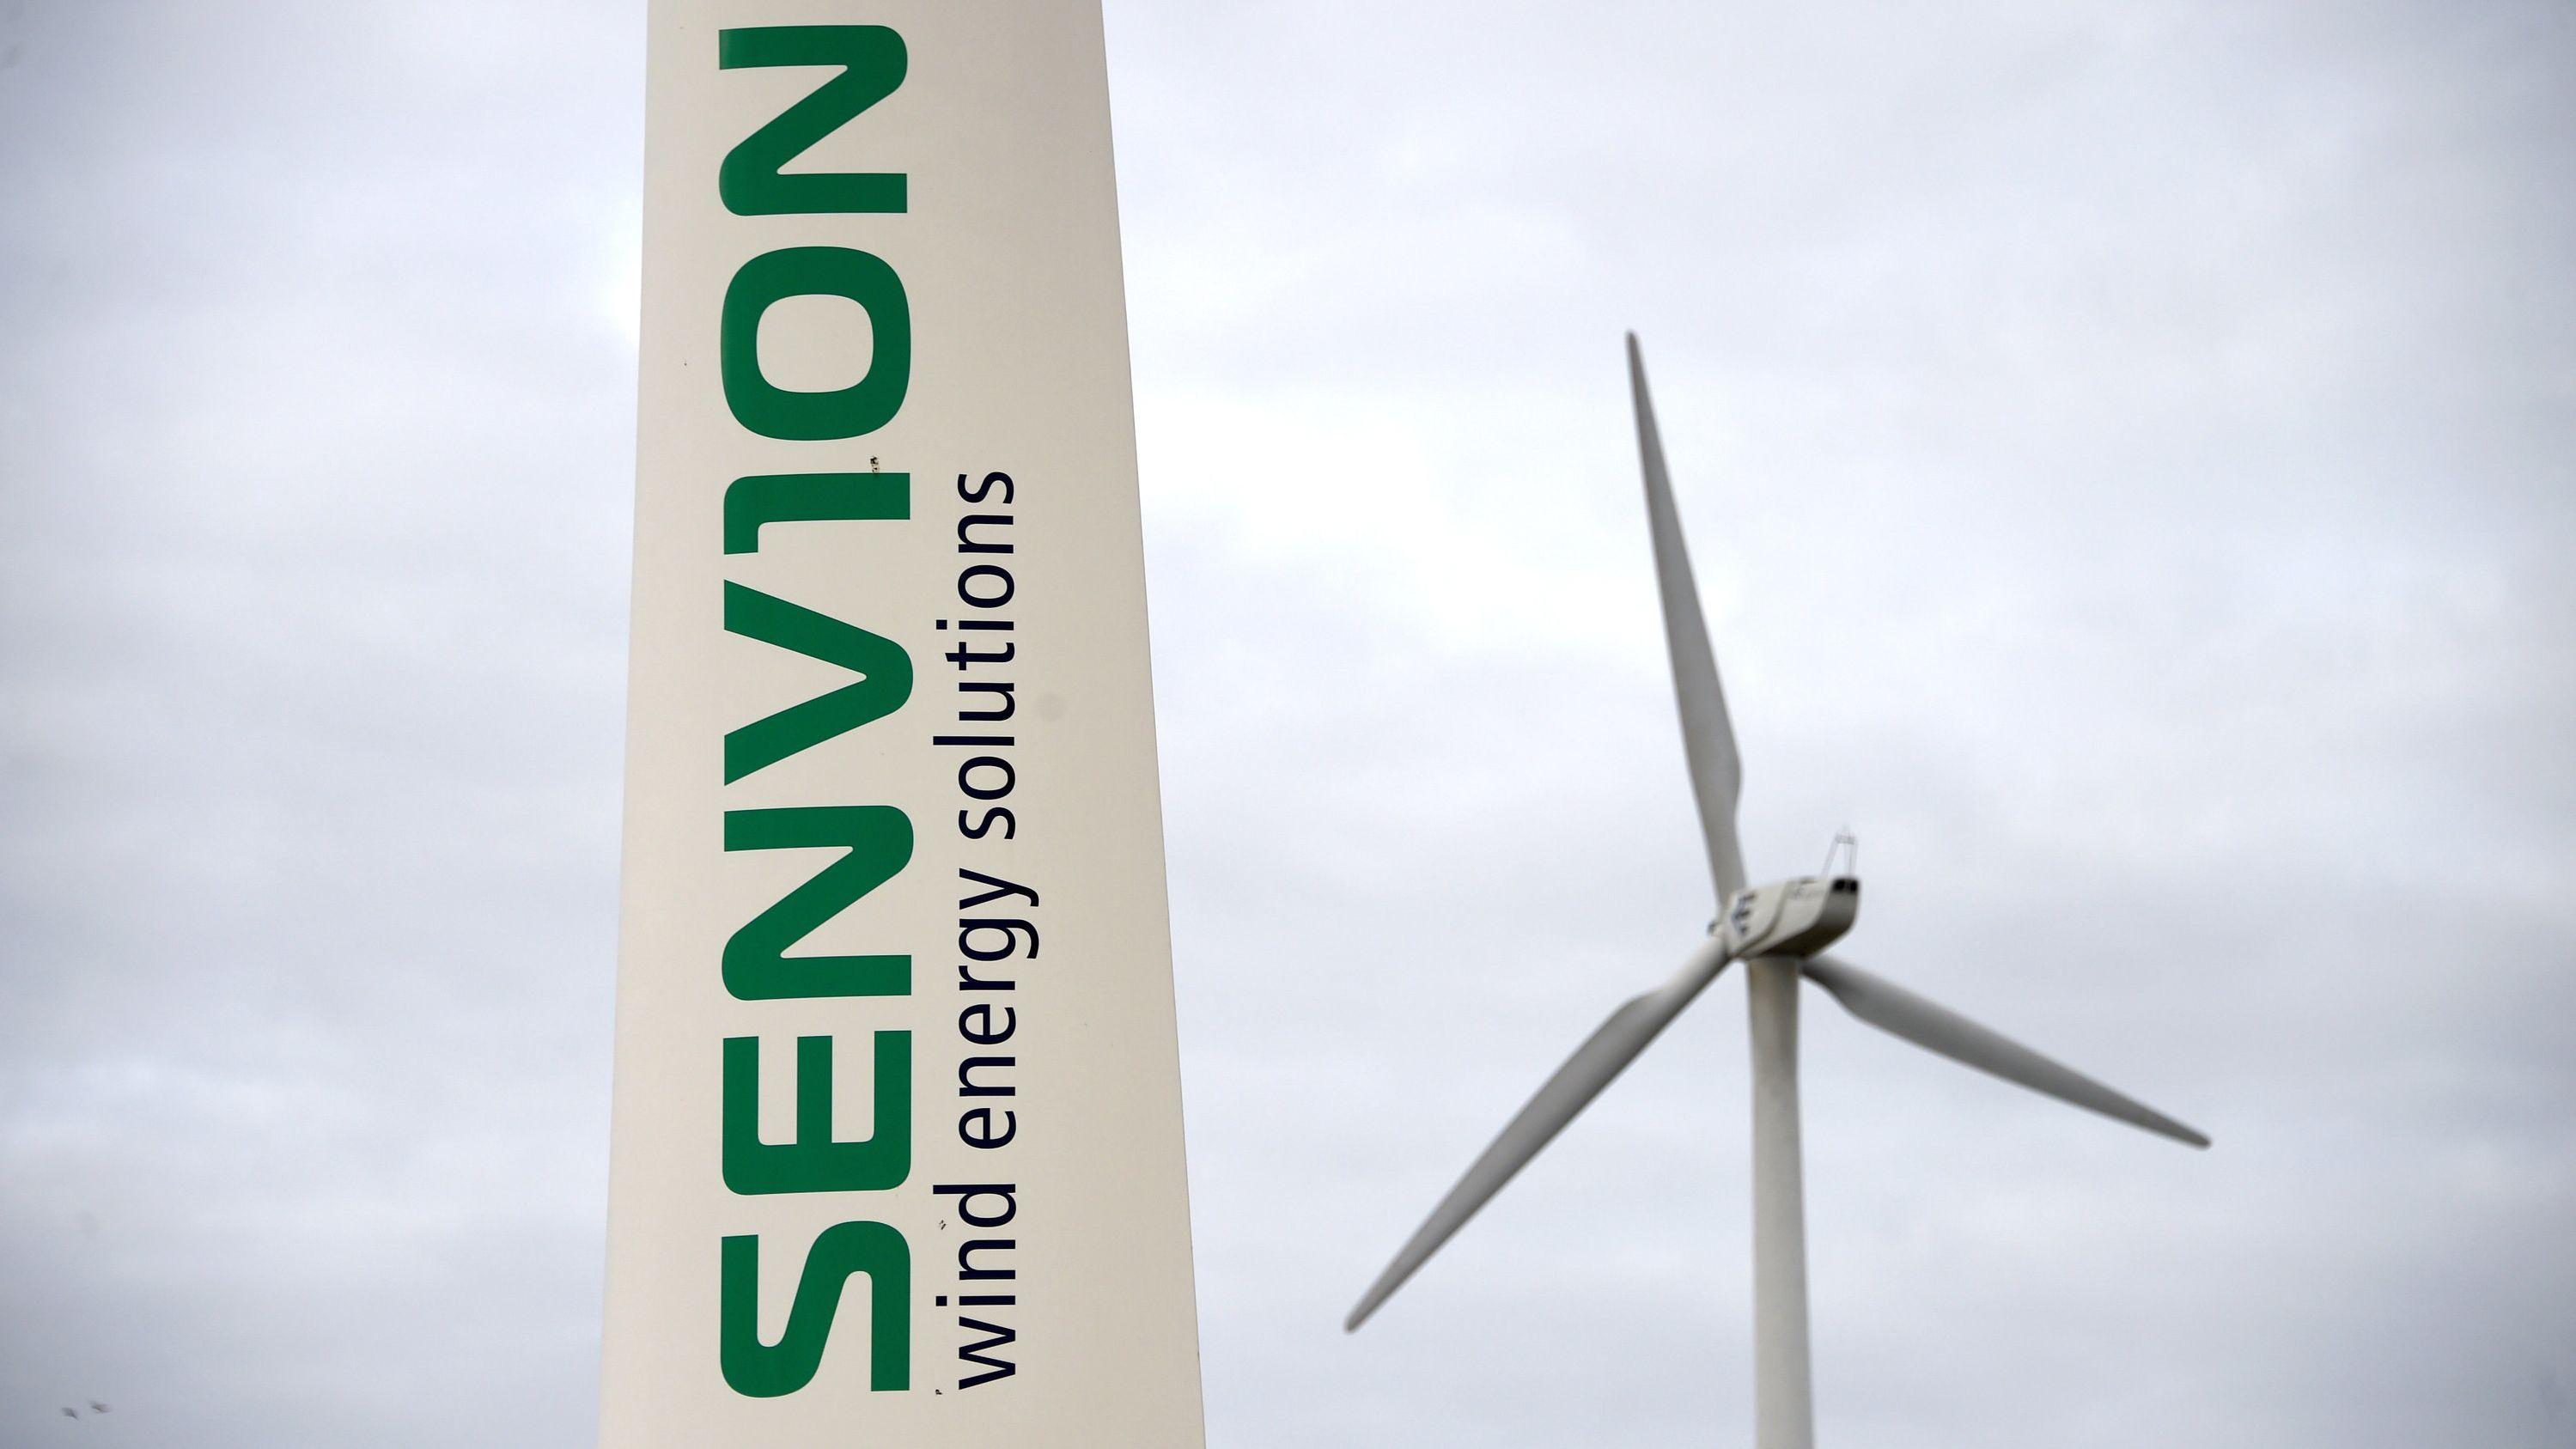 """Das Logo """"Senvion wind energy solutions"""" ist auf dem Gelände von Senvion auf dem Flügel einer Windkraftanlage zu sehen."""